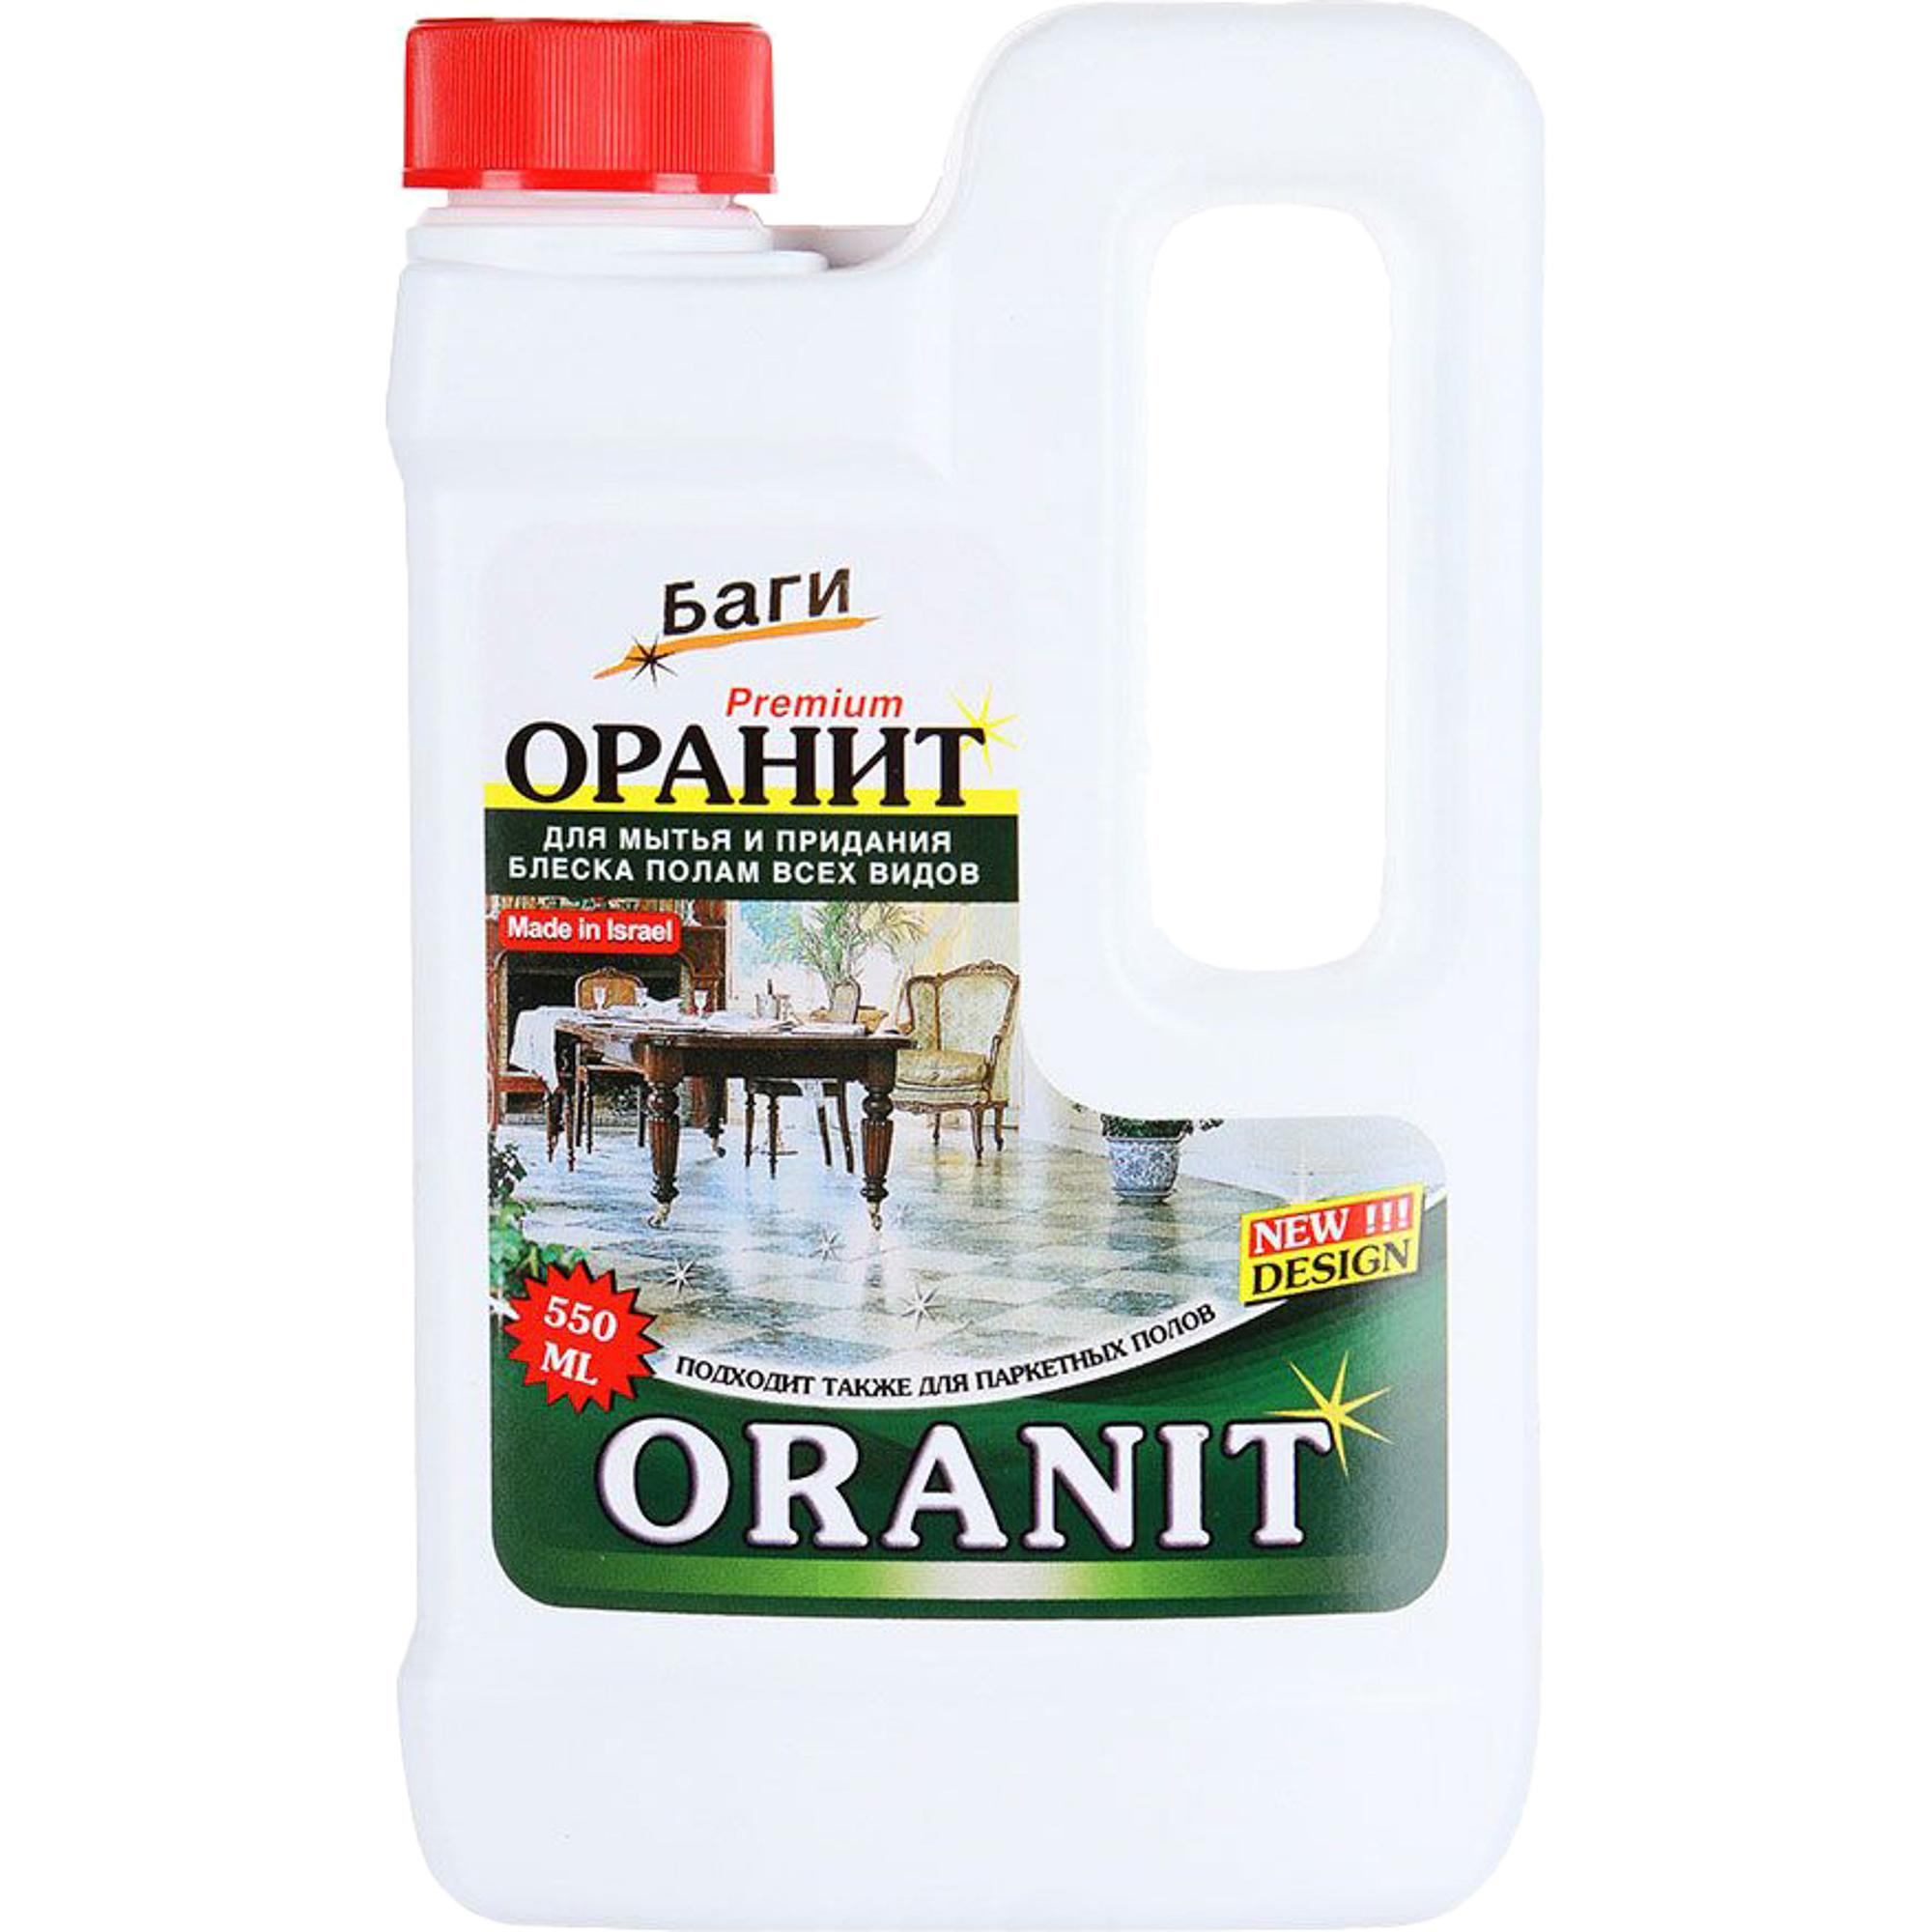 Купить Средство для мытья полов Bagi Оранит 550 мл, моющее средство, Израиль